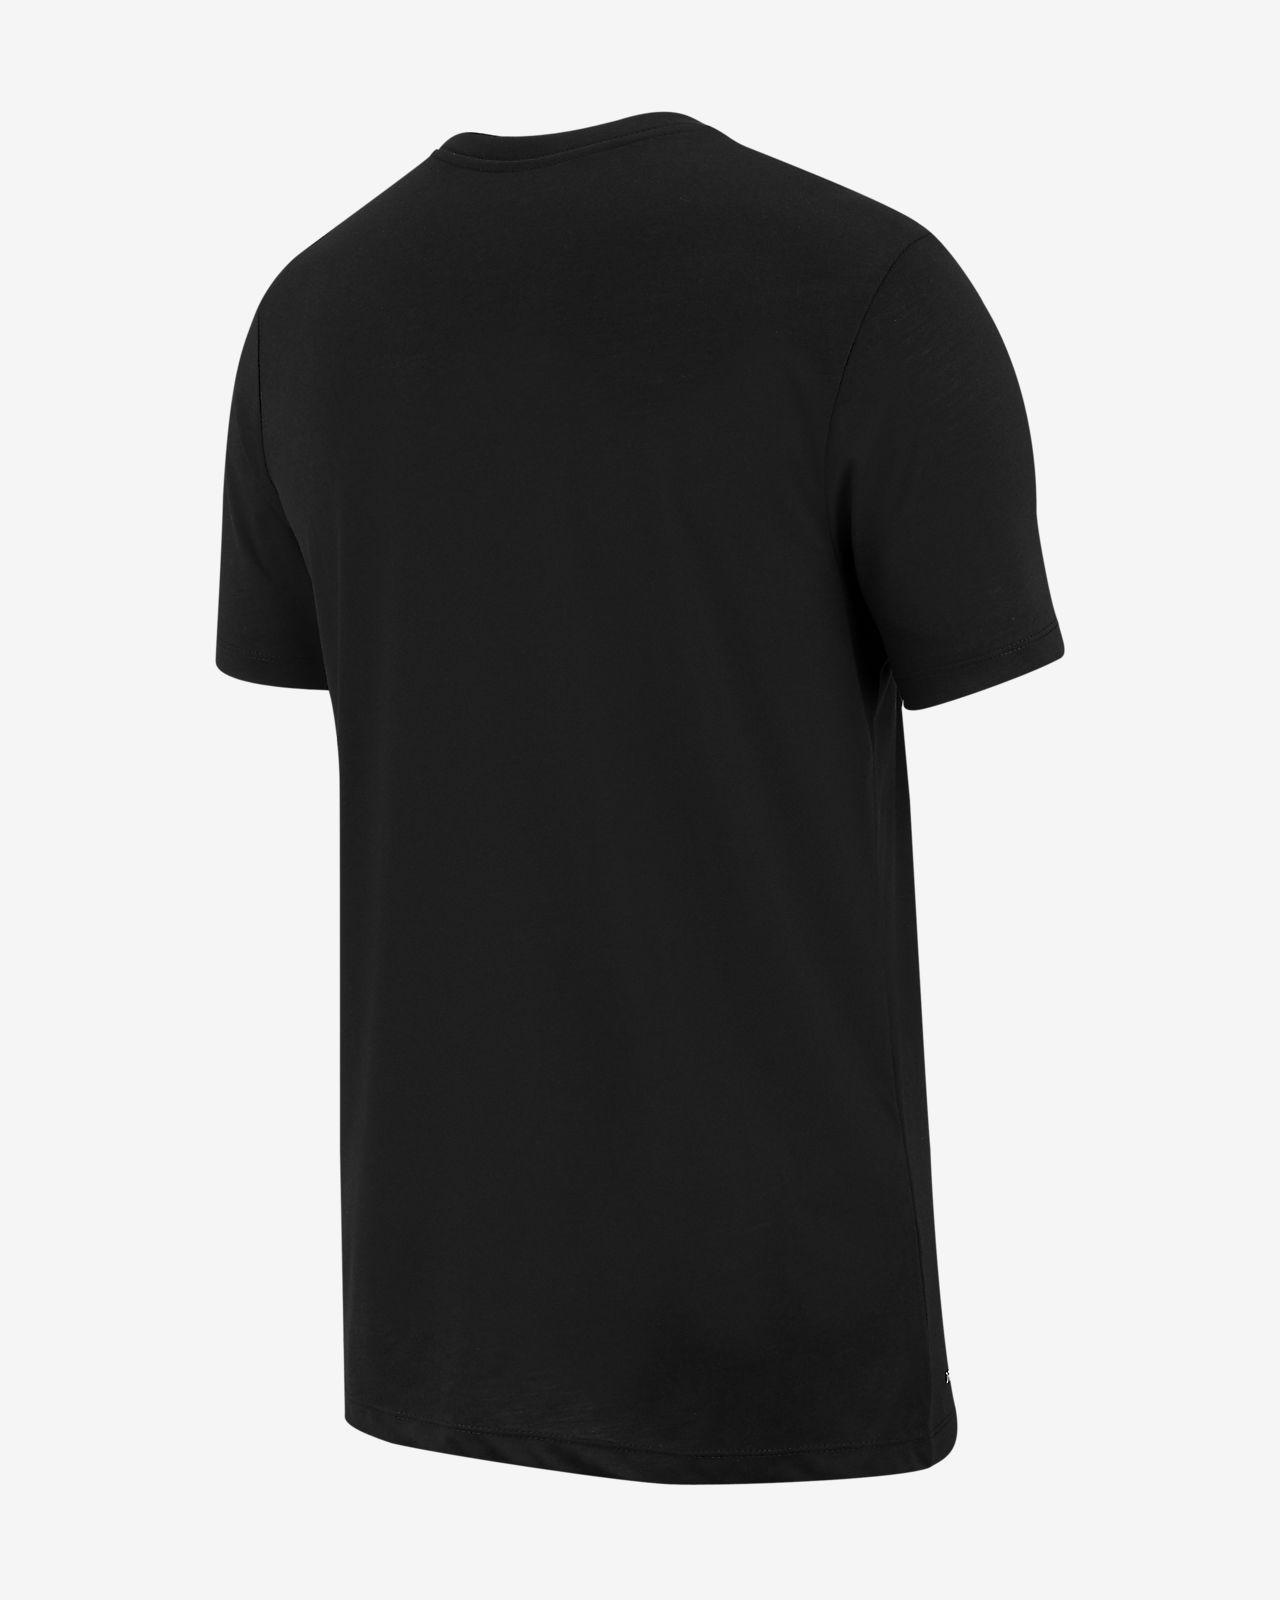 I-N-C Mens Soft Touch Basic T-Shirt